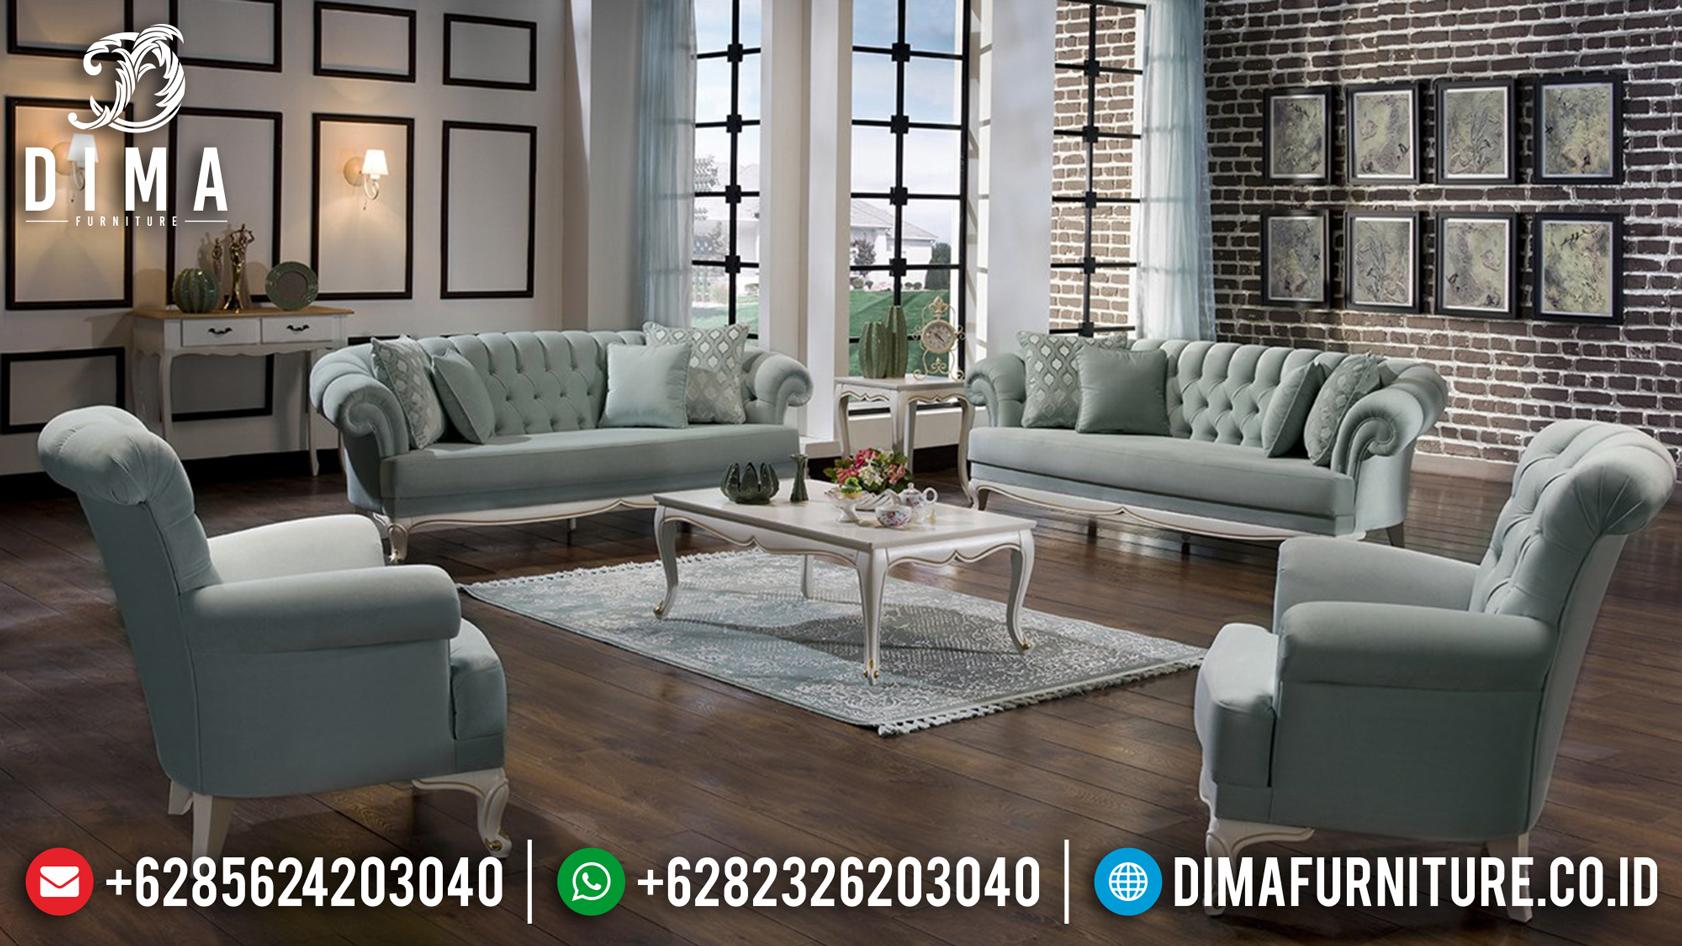 Loveseat Sofa Tamu Minimalis Jepara Model Terbaru Vanessa DF-0750 Gambar 1